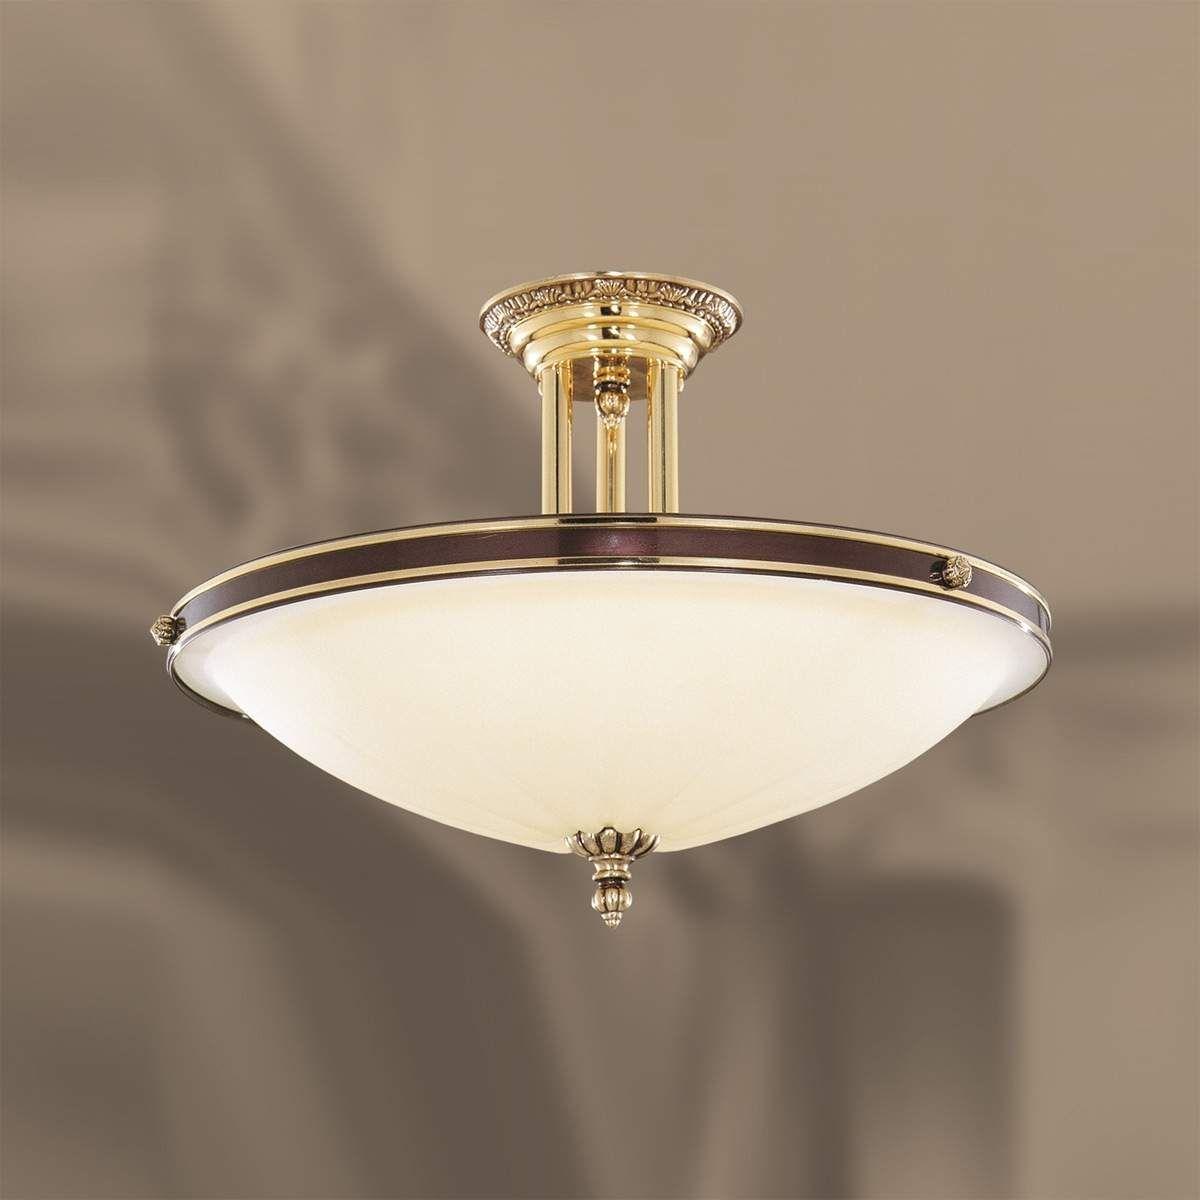 Led Deckenbeleuchtung Wohnzimmer Kuchen Deckenlampe Led